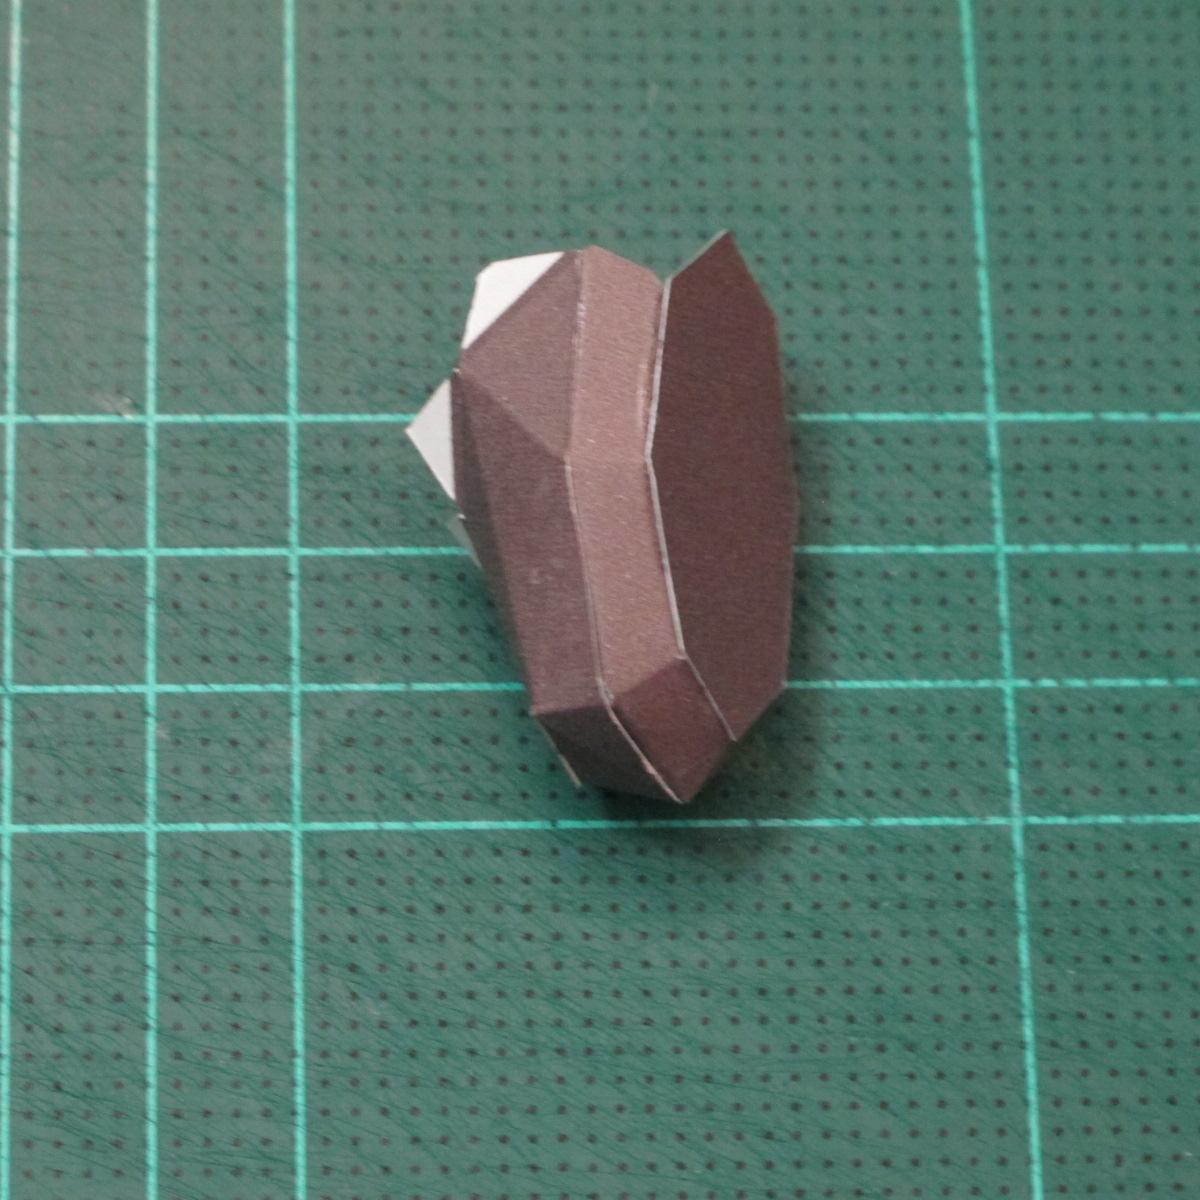 วิธีทำโมเดลกระดาษหมีบราวน์ชุดบอลโลก 2014 ทีมบราซิล (LINE Brown Bear in FIFA World Cup 2014 Brazil Jerseys Papercraft Model) 013